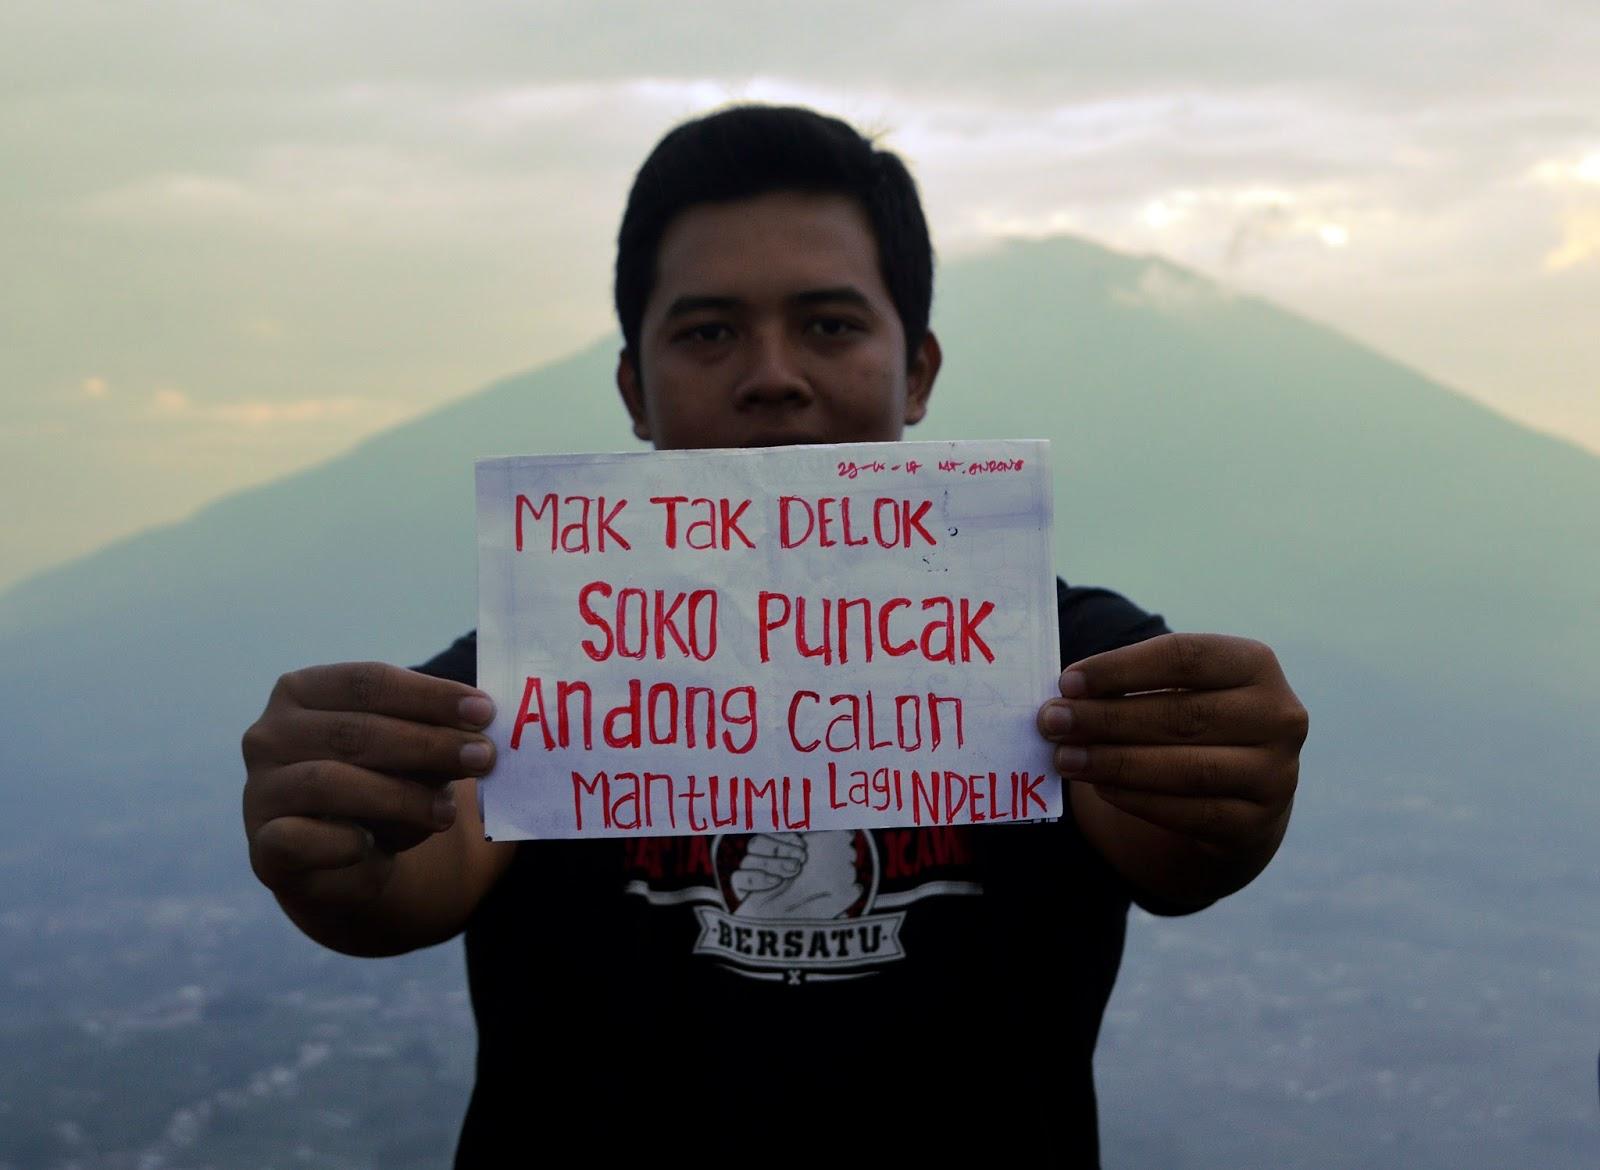 wisata pendakian di gunung andong peak magelang